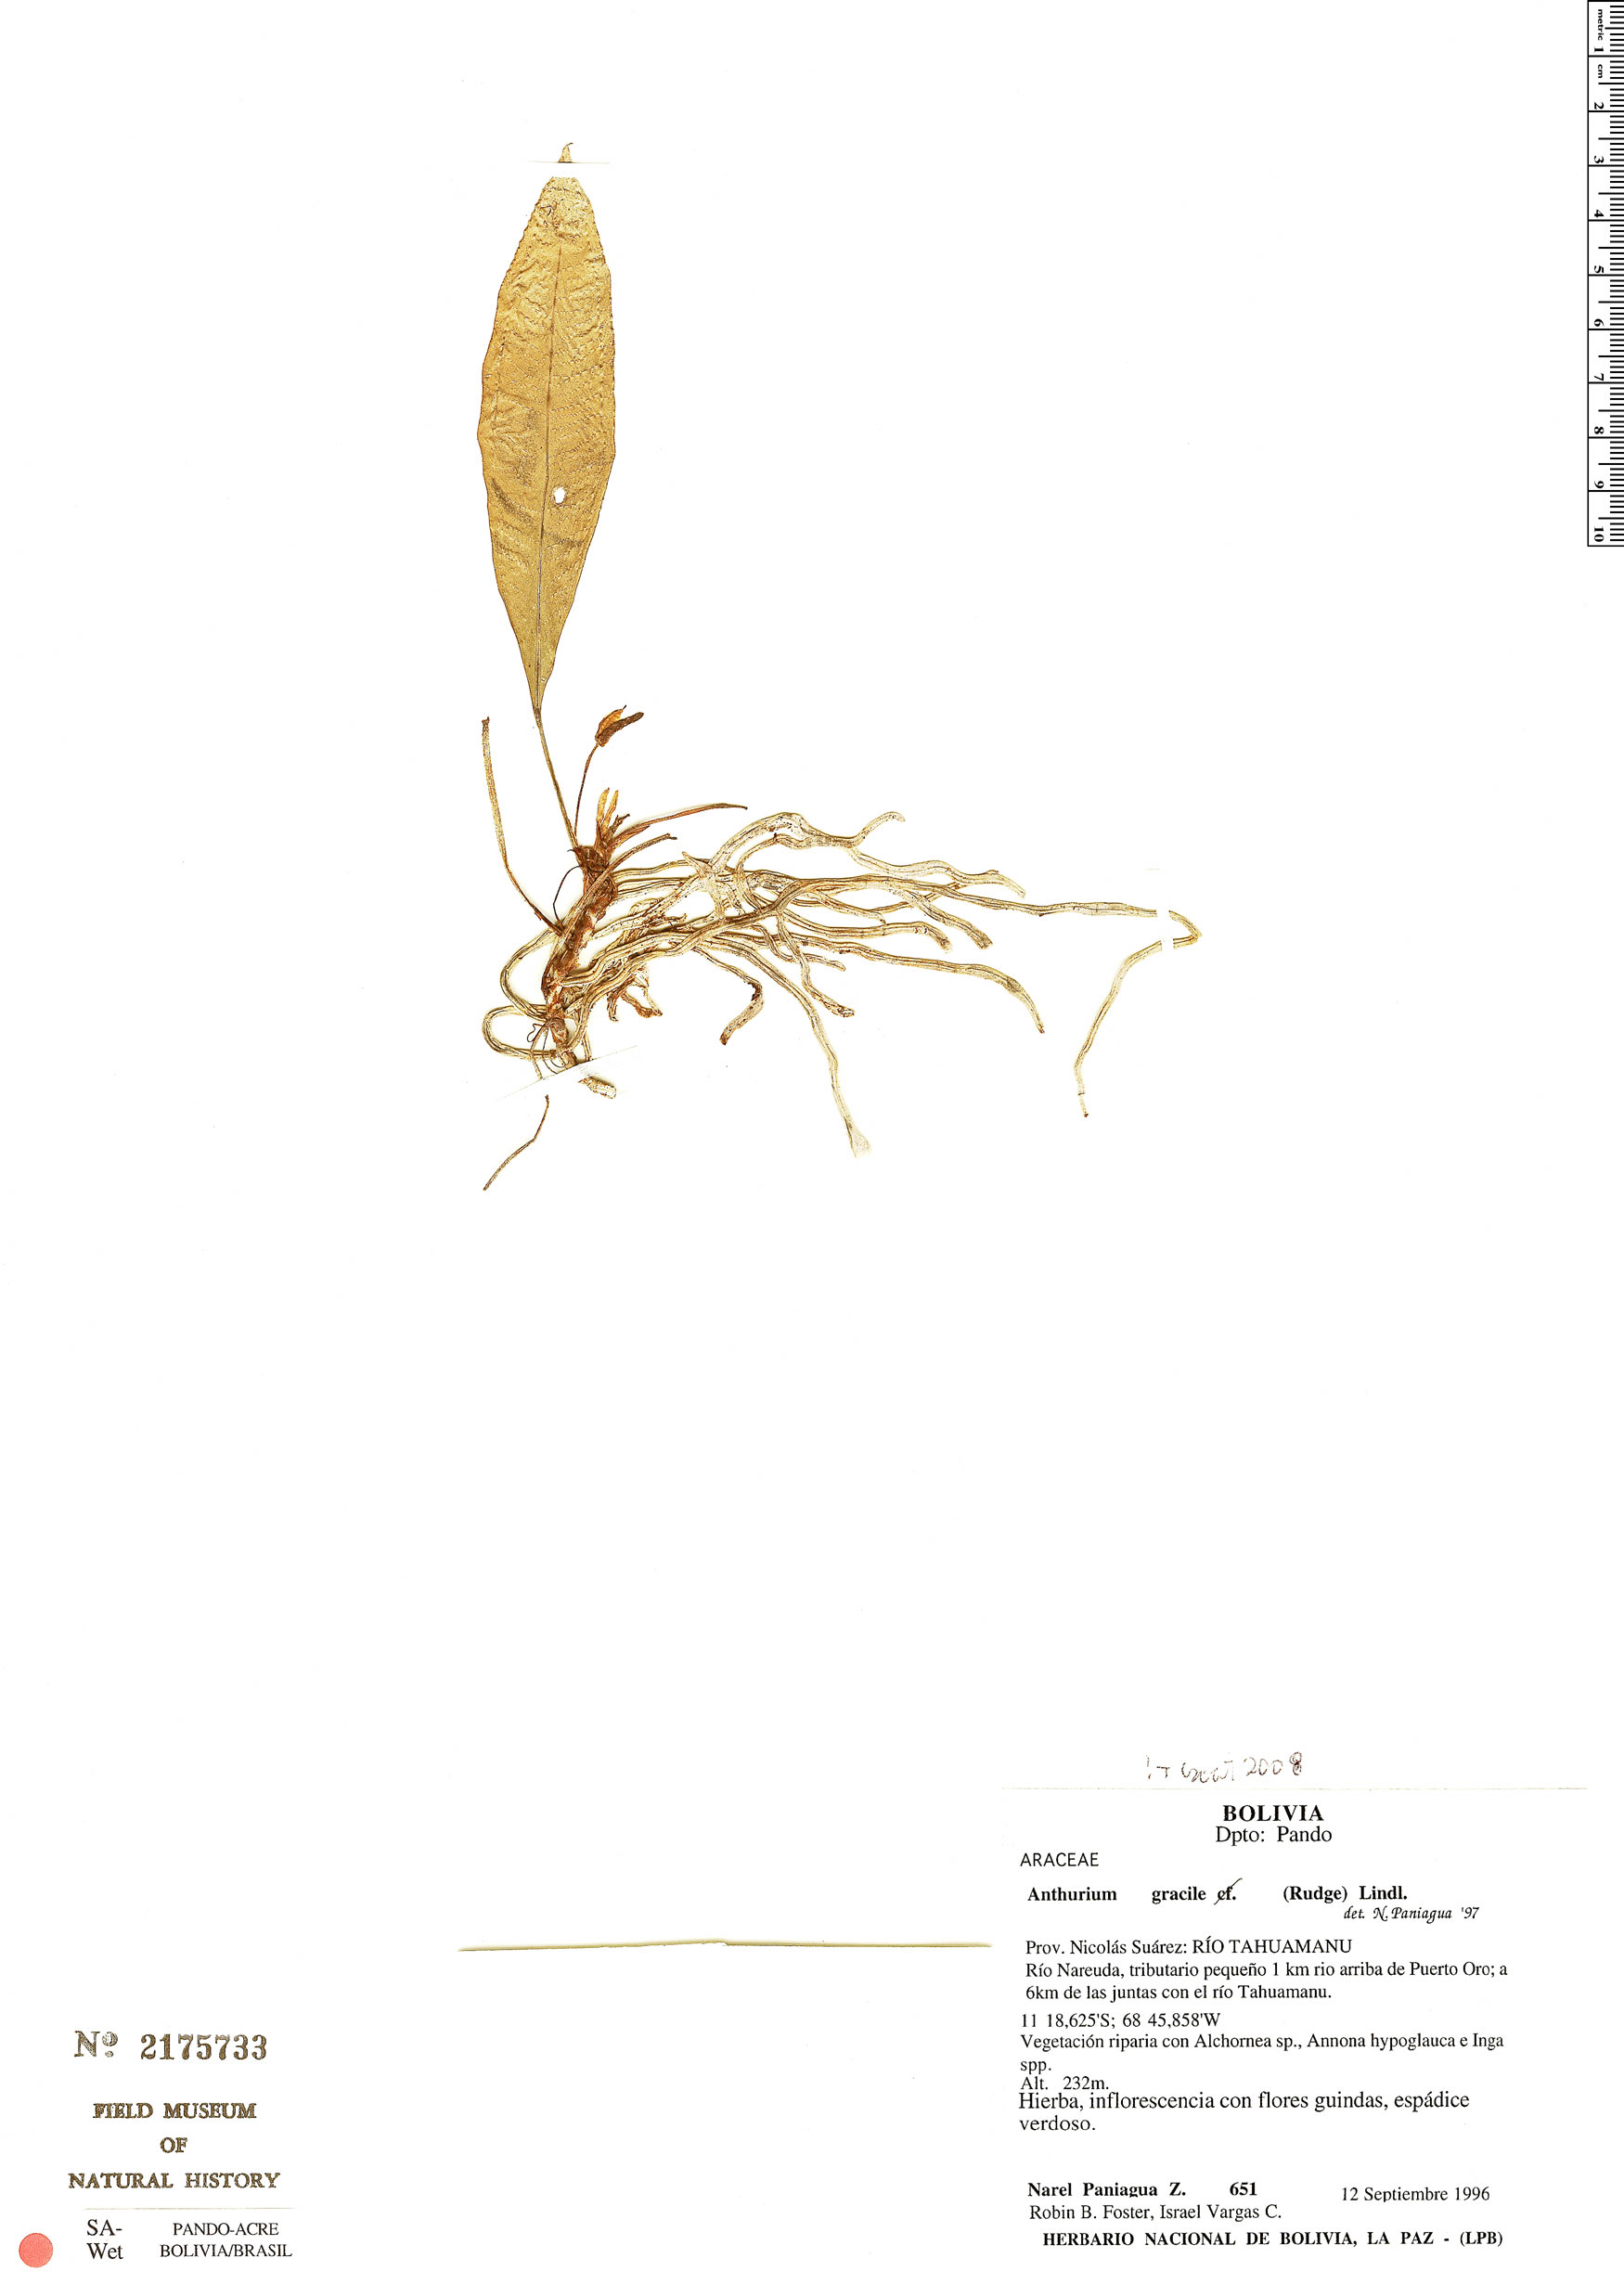 Specimen: Anthurium gracile